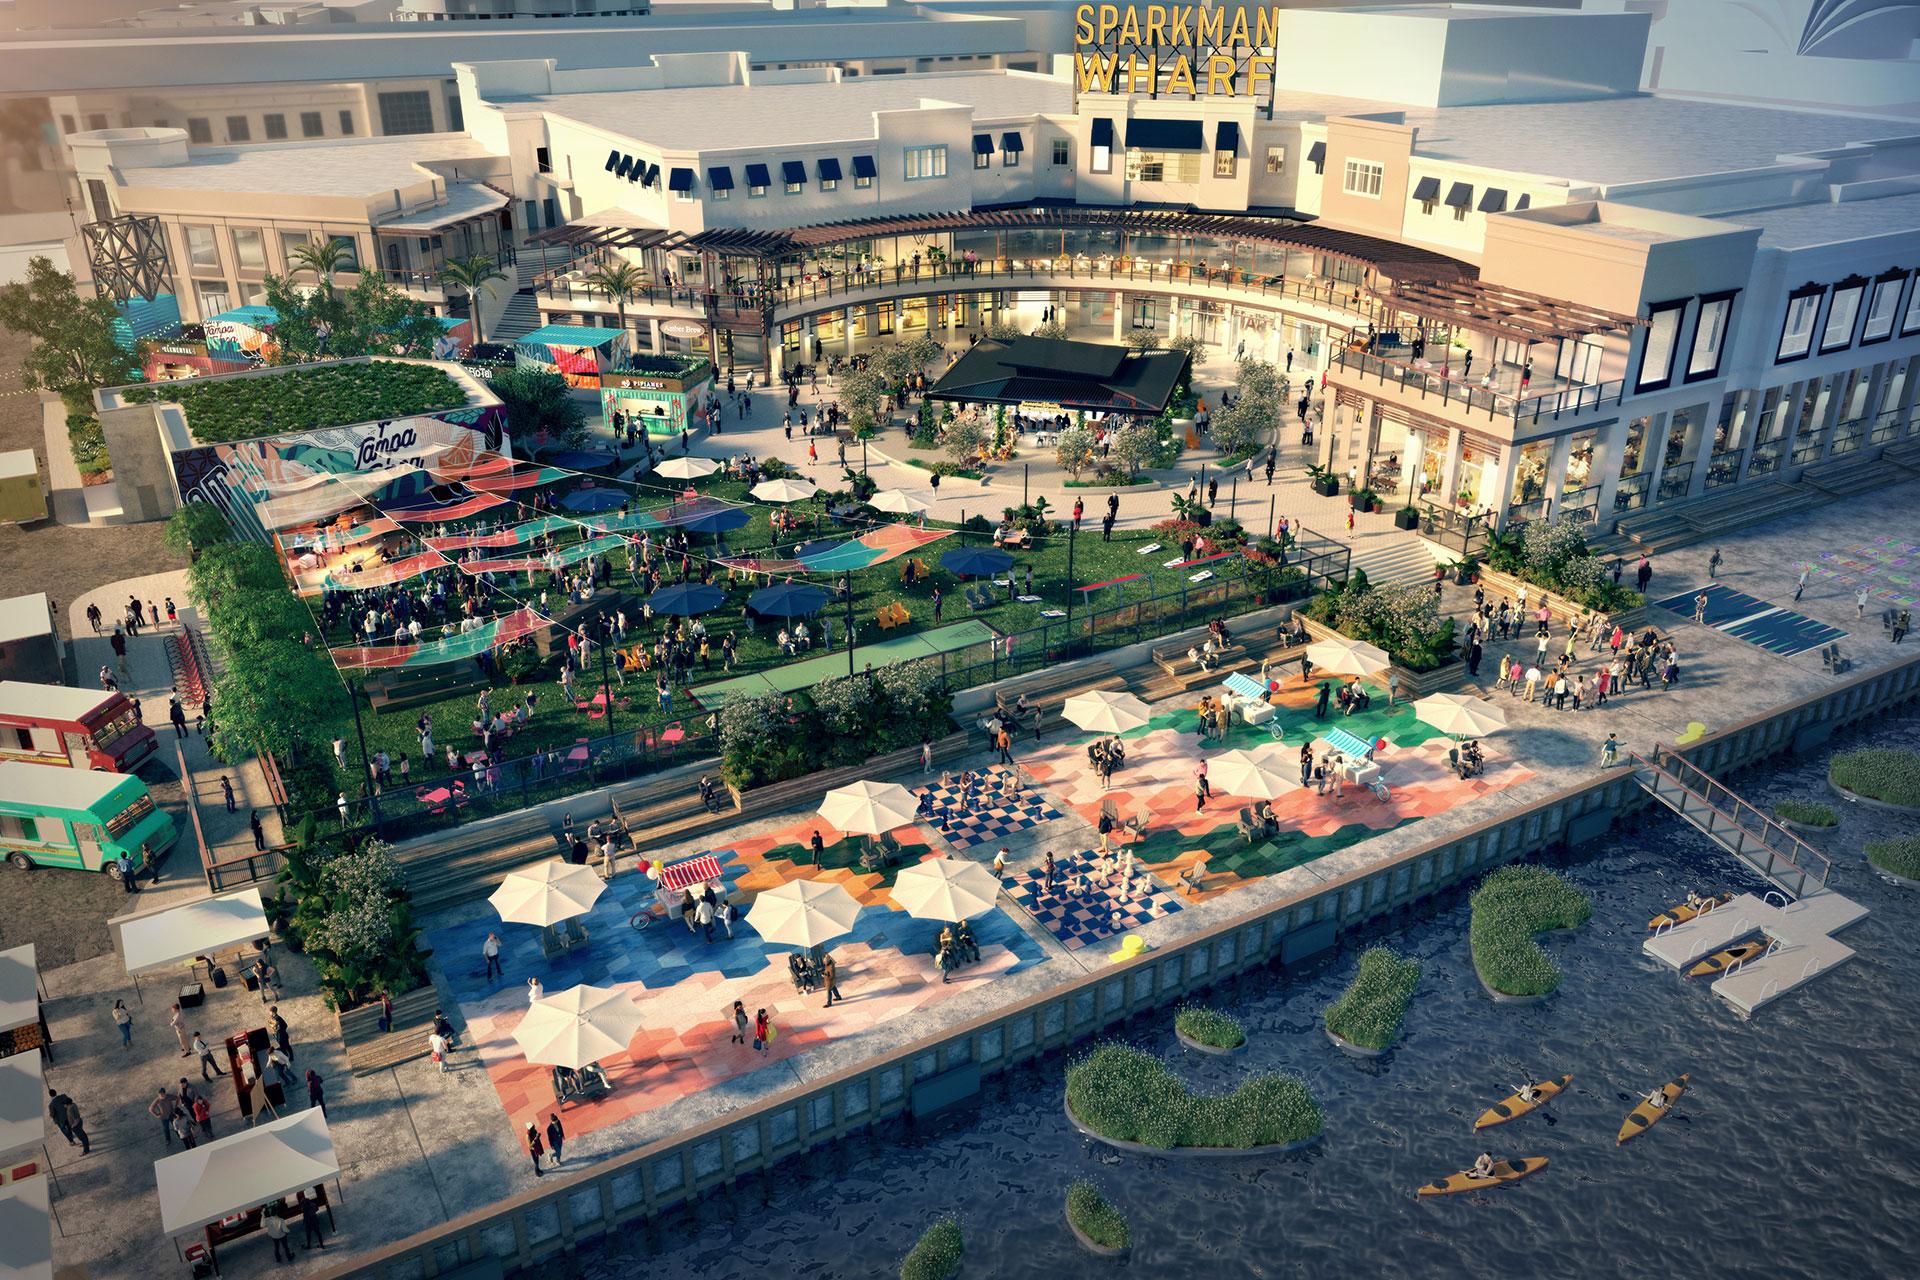 Sparkman Wharf Aerial